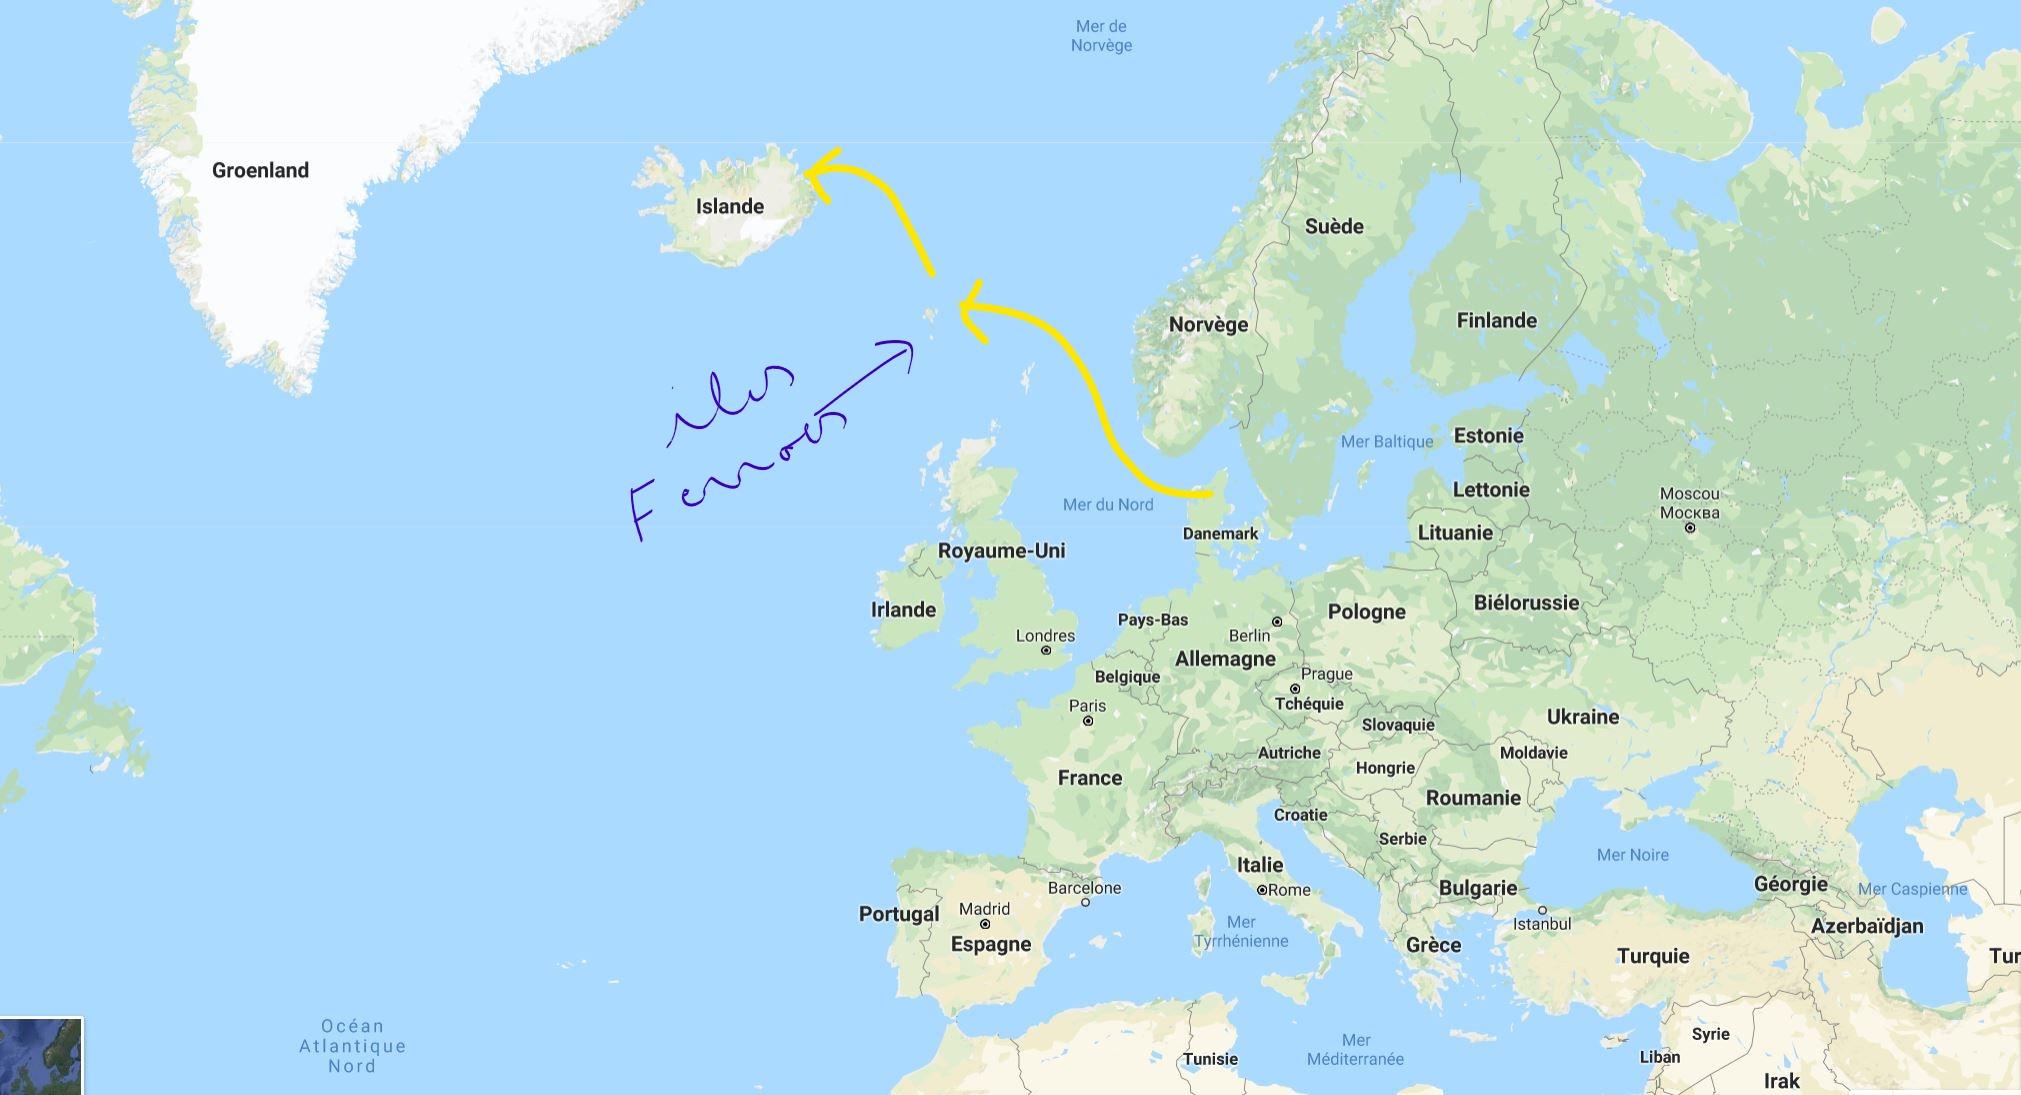 Trajet Ferry Norrona Danemark - Islande_